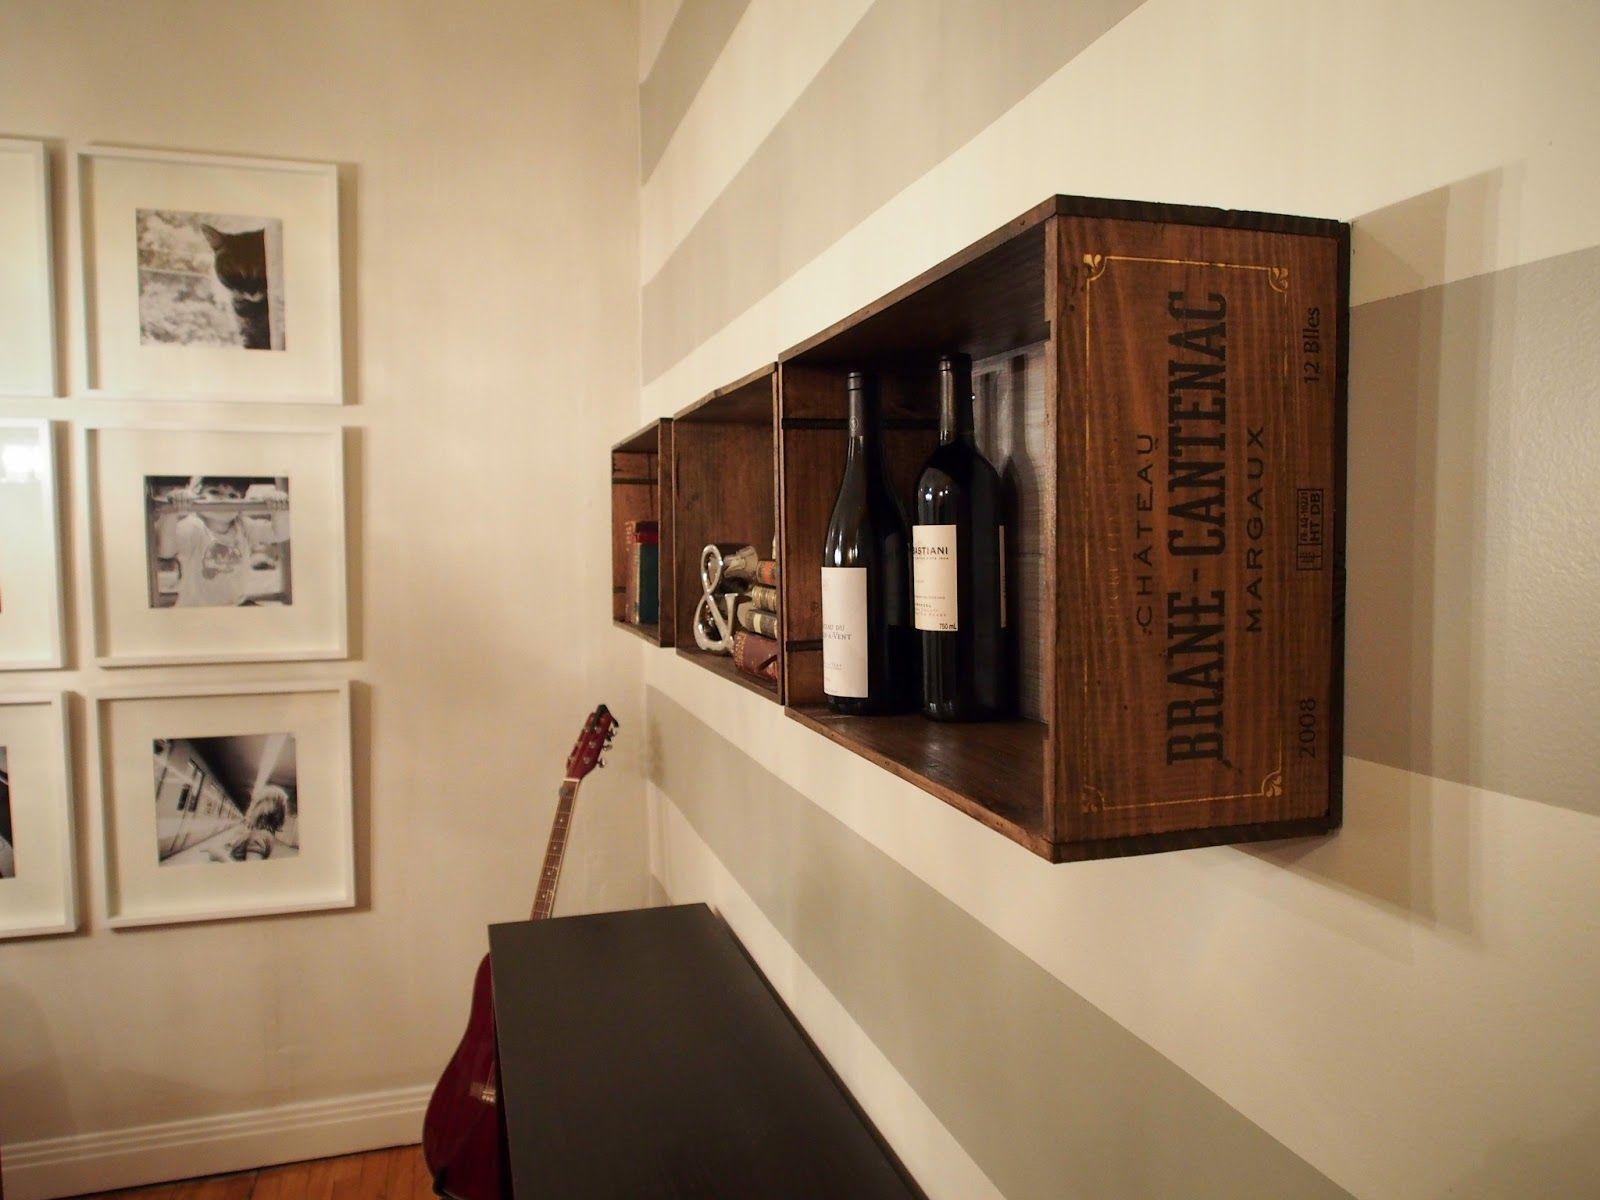 bo te de vin caisse tag re murale id es pinterest caisse caisse a vin et. Black Bedroom Furniture Sets. Home Design Ideas